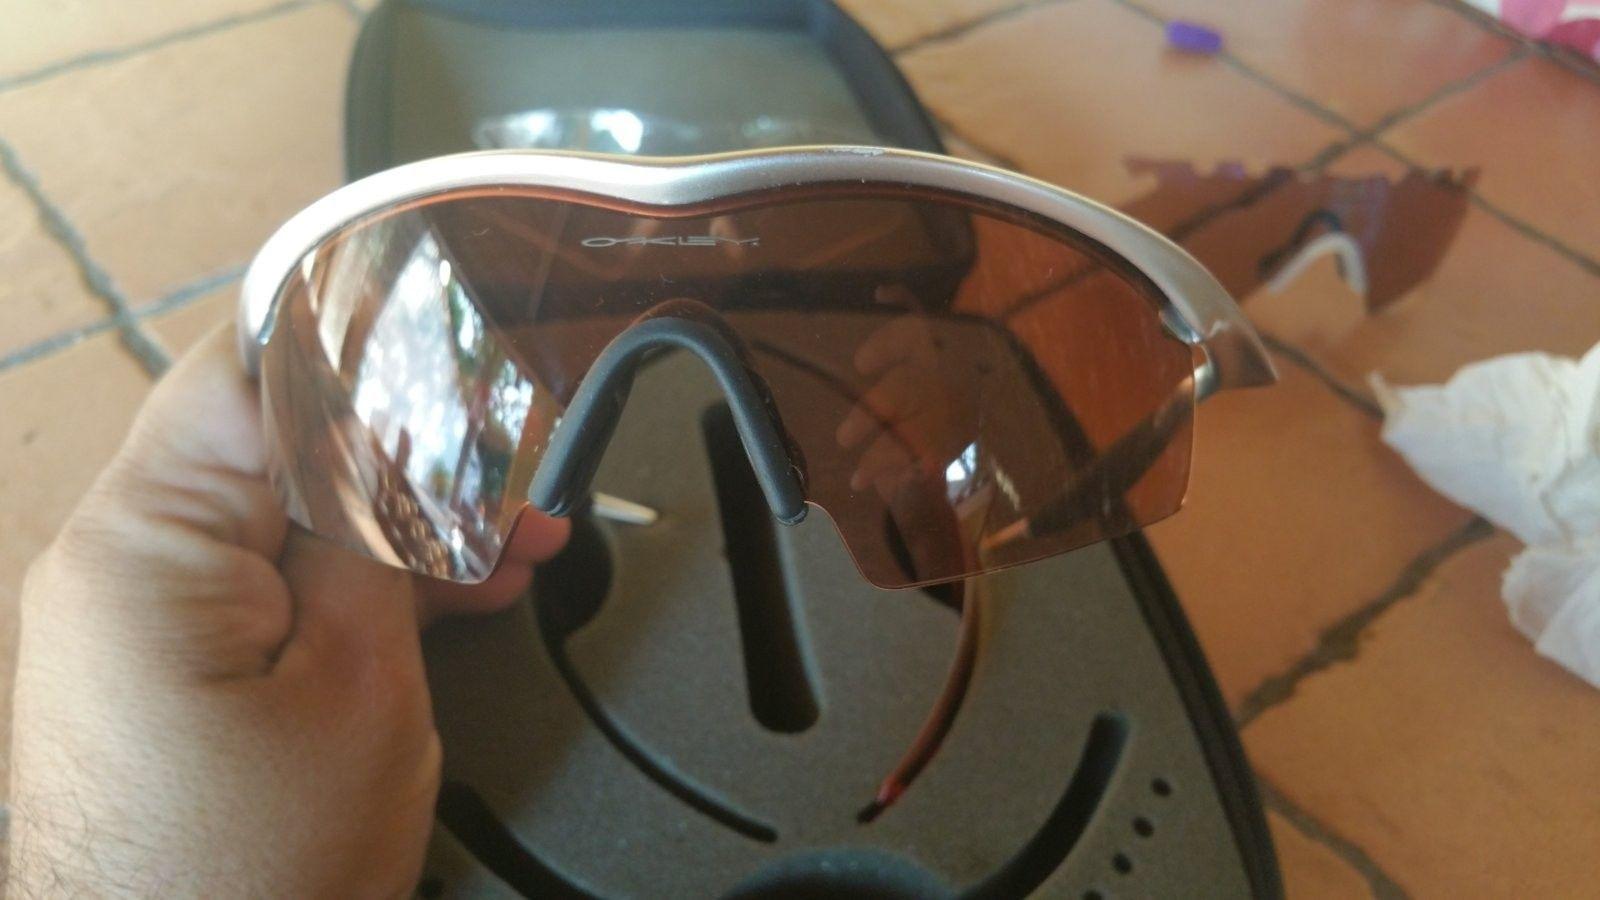 Oakley pro m frame - 20160923_180000.jpg